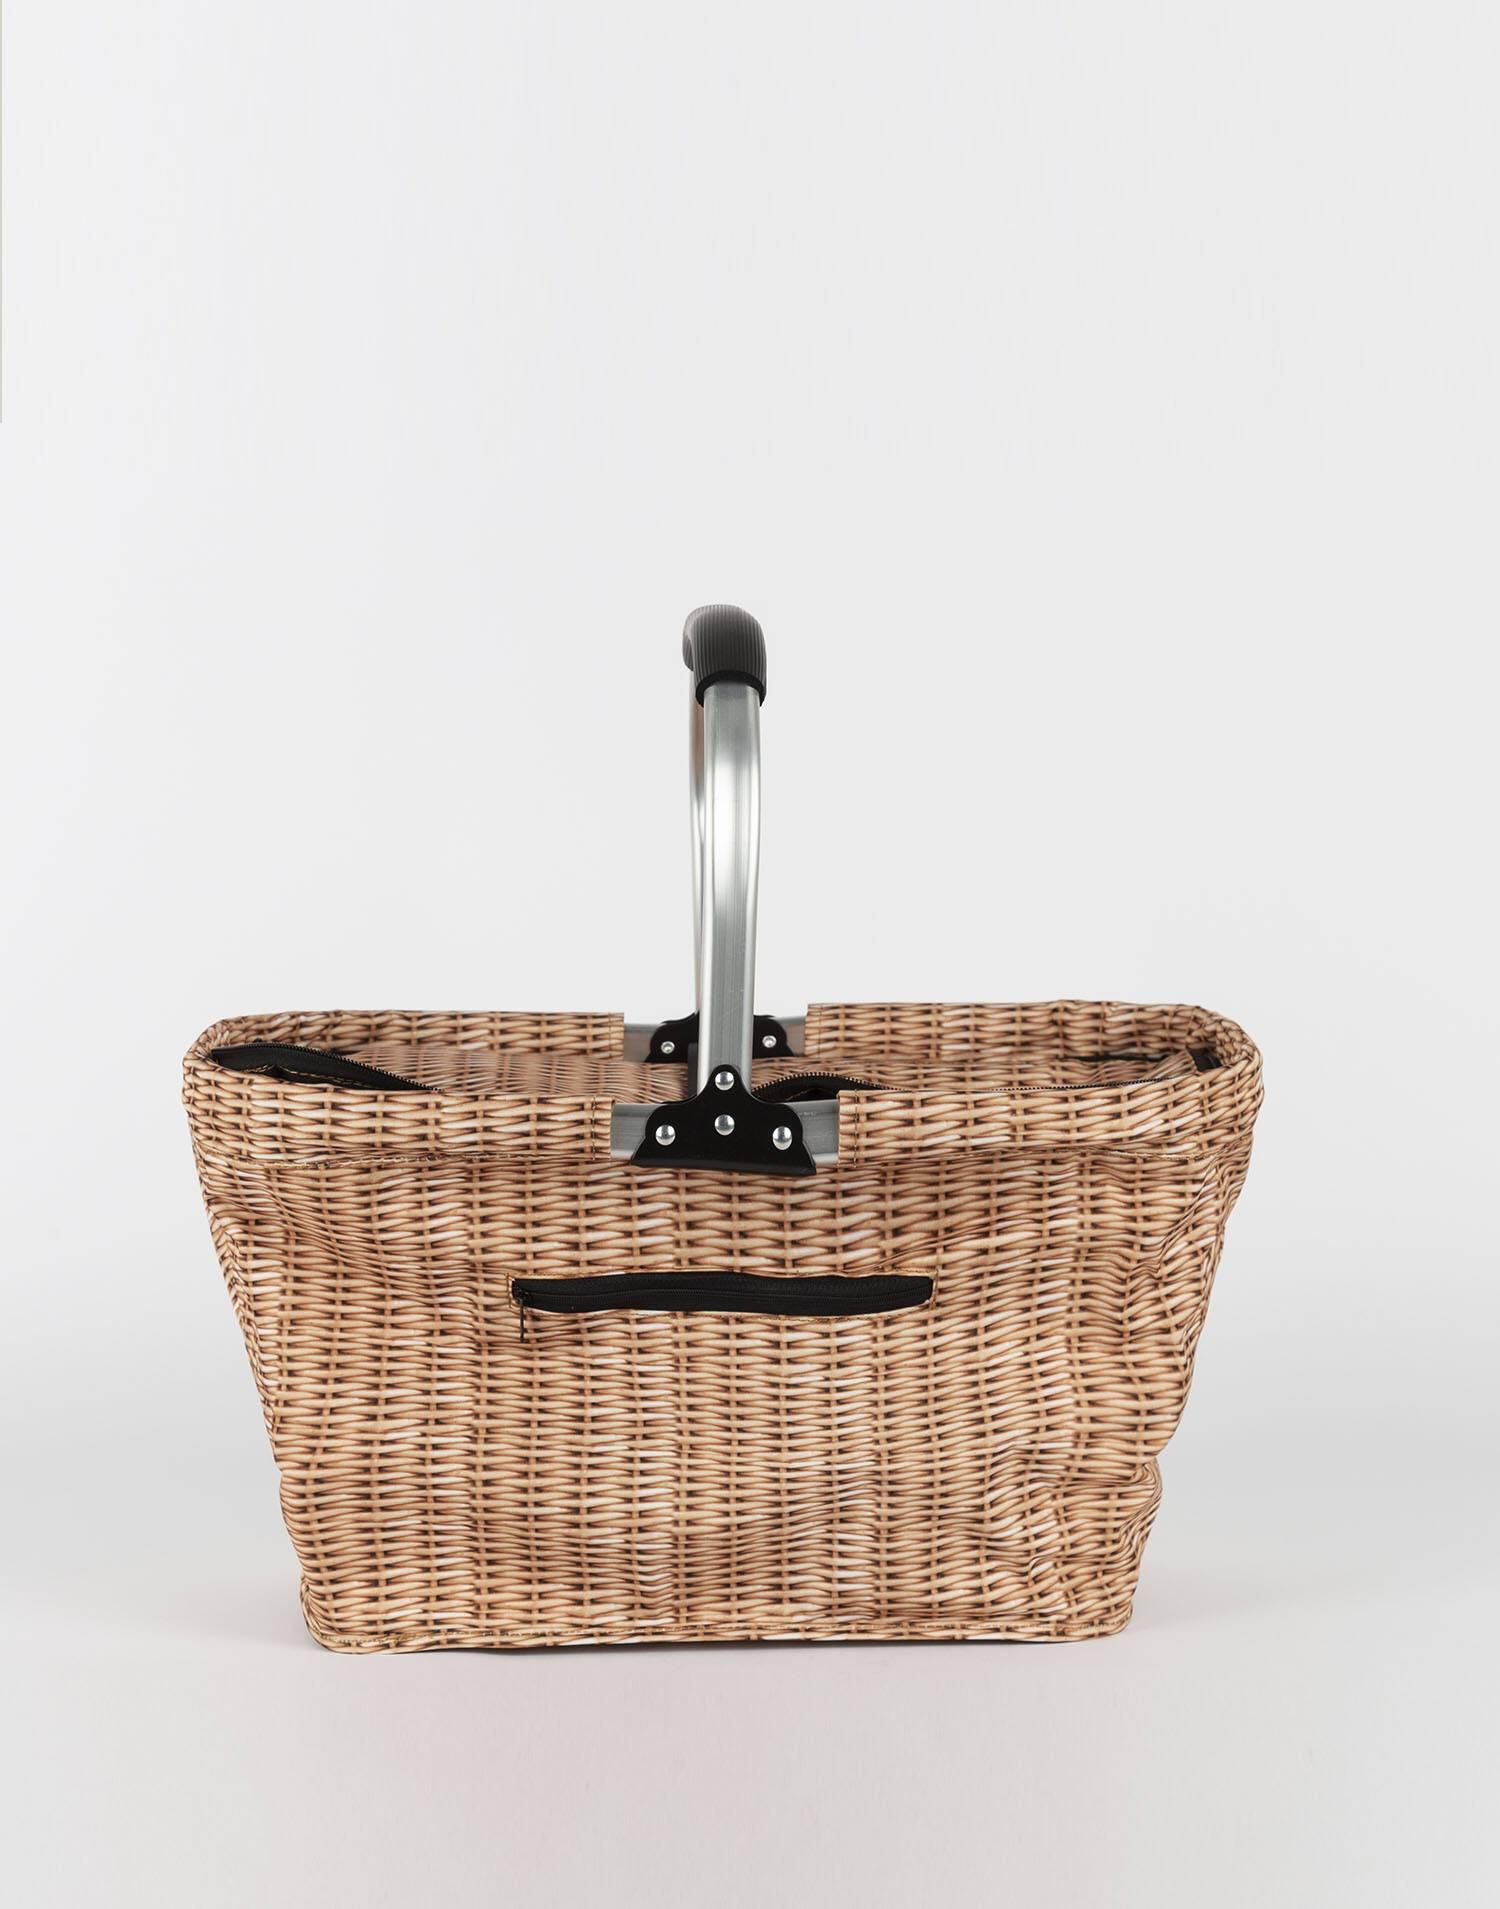 Cesta picnic cooler